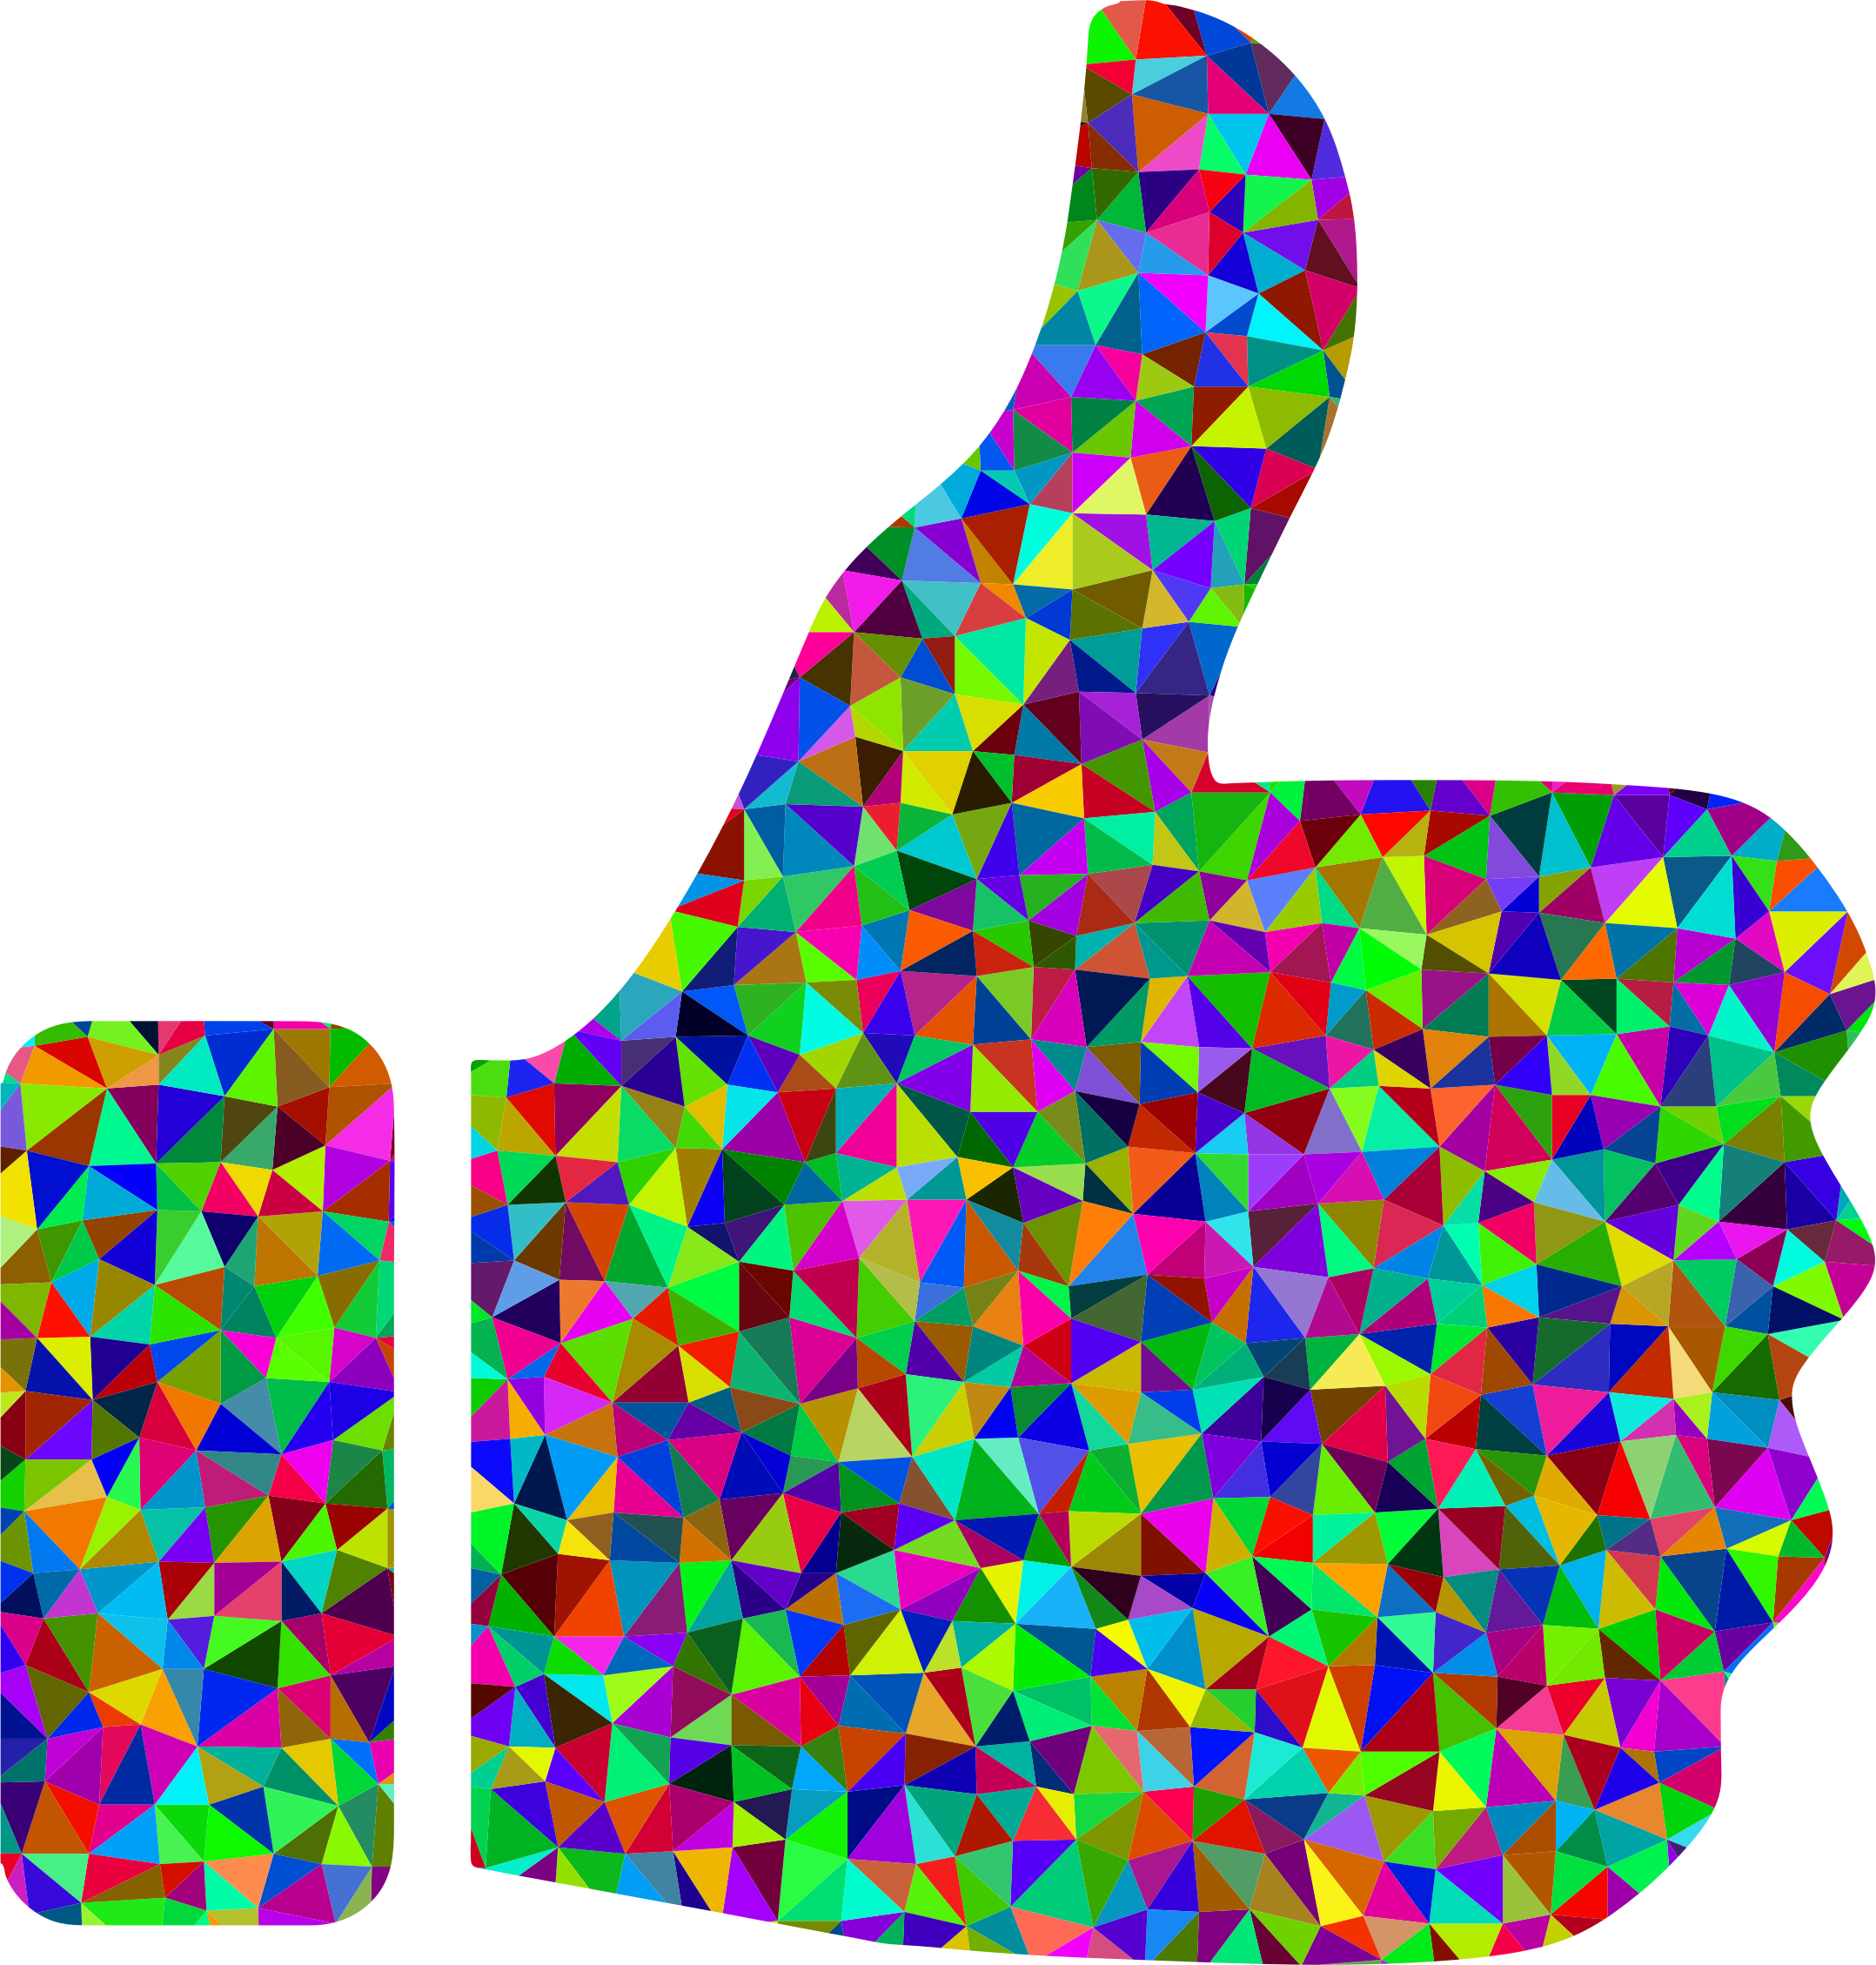 Good clipart thumbs up emoji, Good thumbs up emoji ...